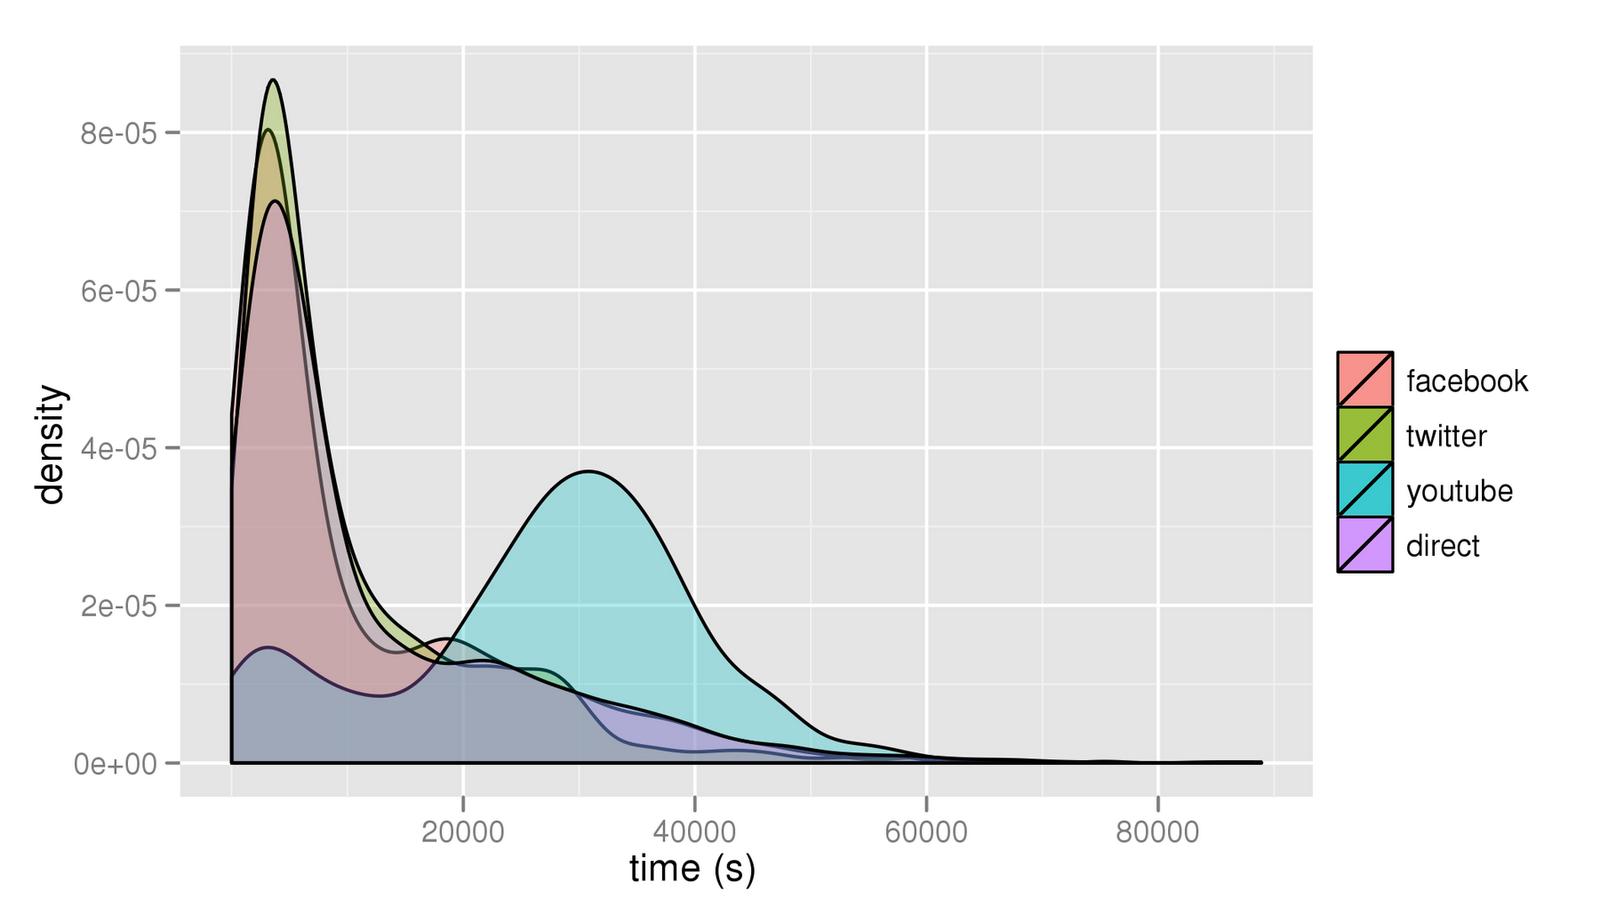 怎么快速估算一个产品的活跃用户数量?以 Twitter 为例 3